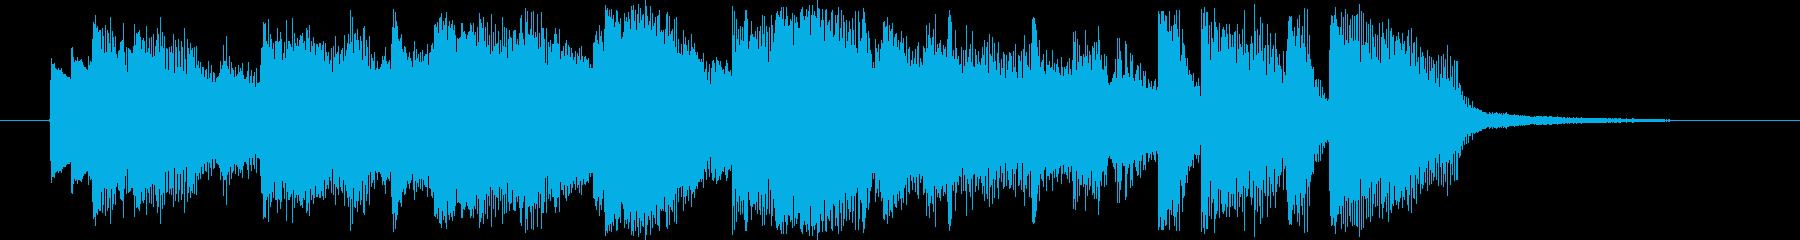 朝日が差してくるイメージ(ジングルなど)の再生済みの波形